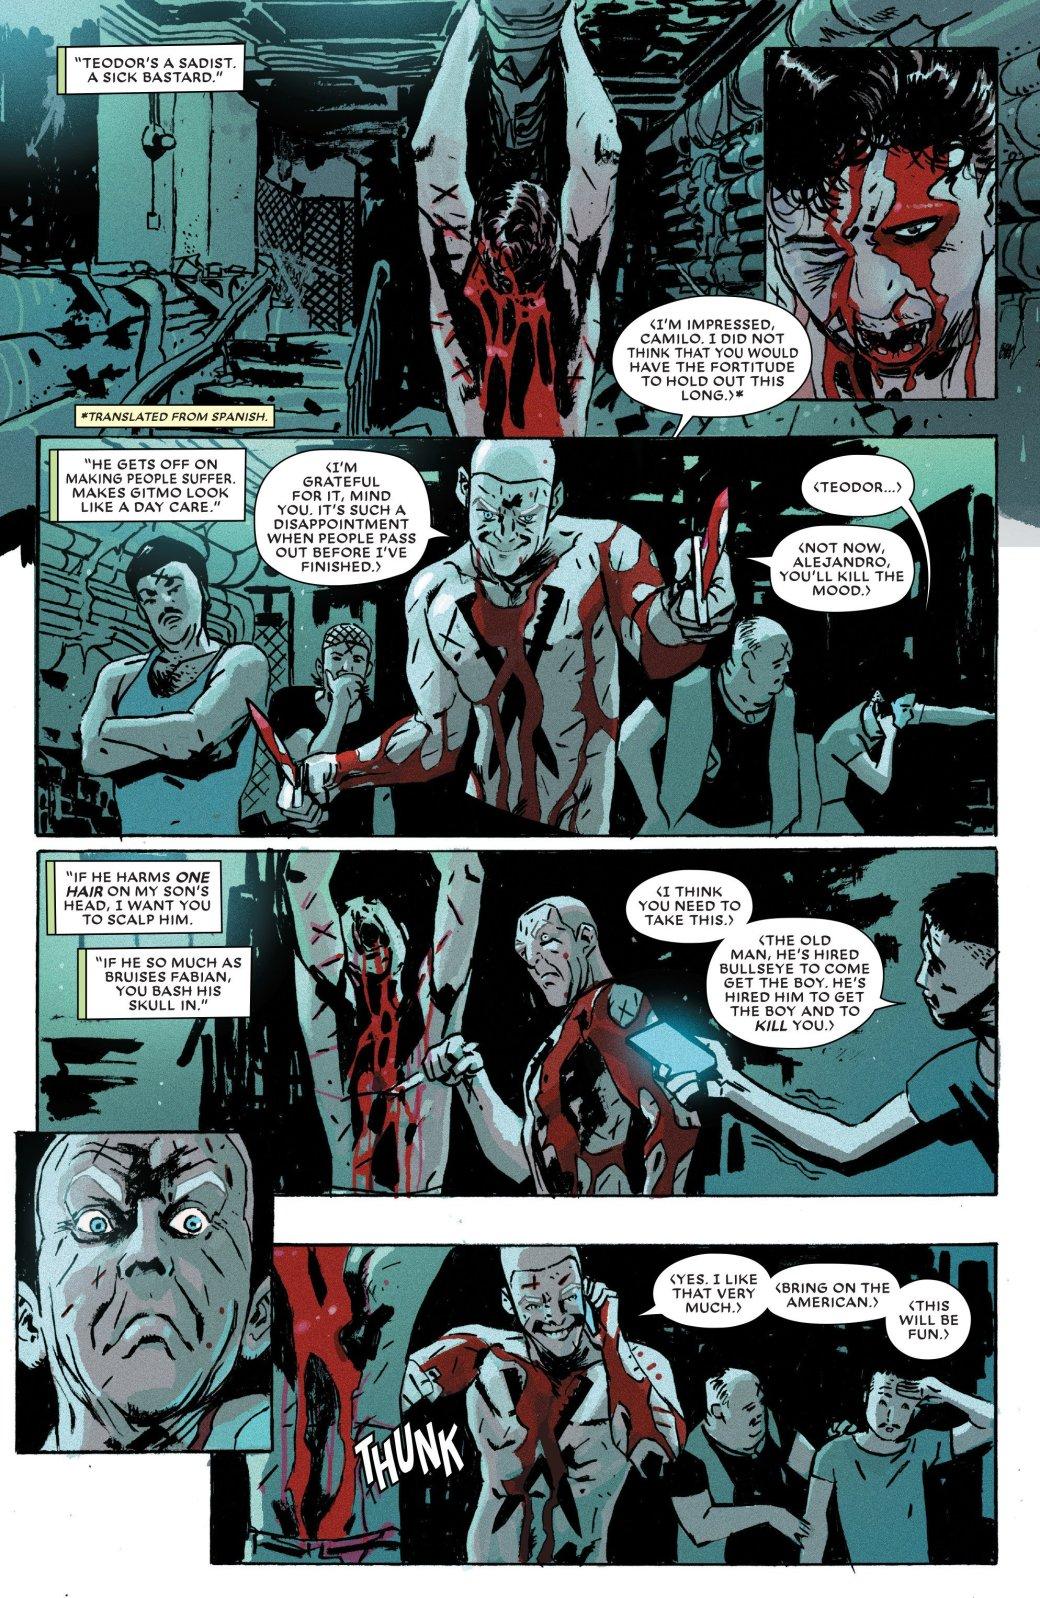 Издательство Marvel выпустило новый комикс про наемника Меченого | Канобу - Изображение 7905